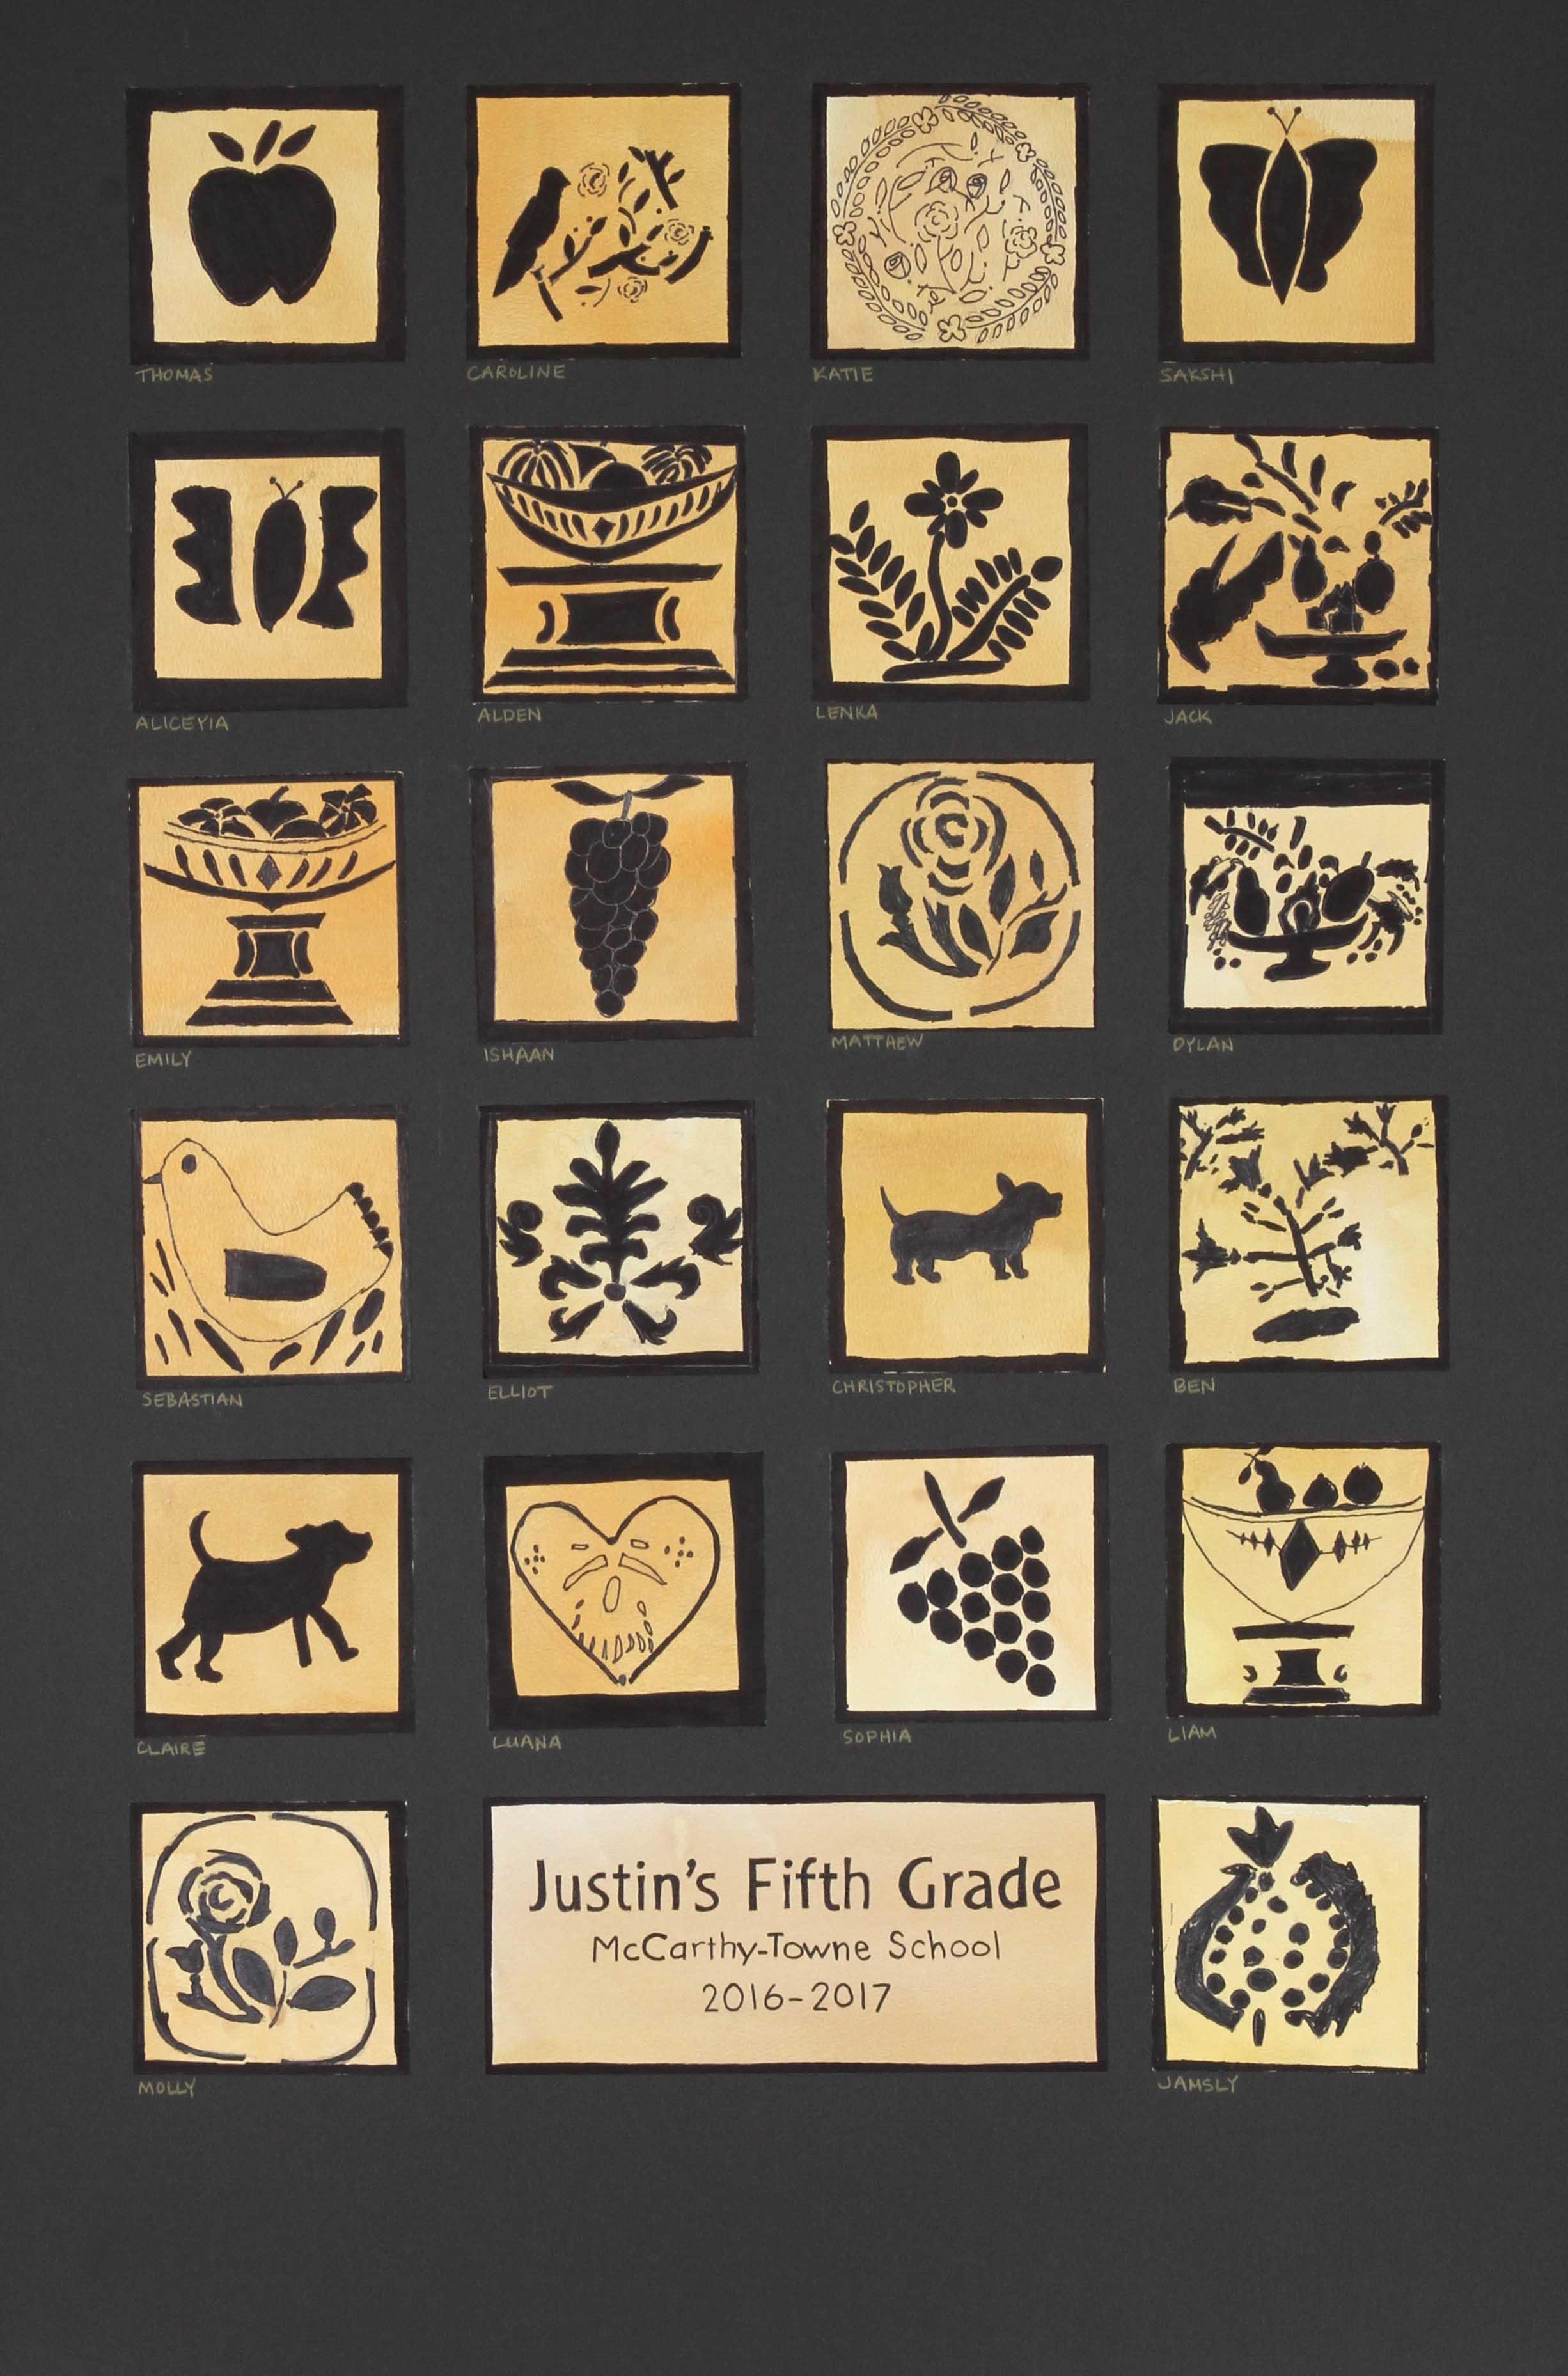 5th Grade - Justin